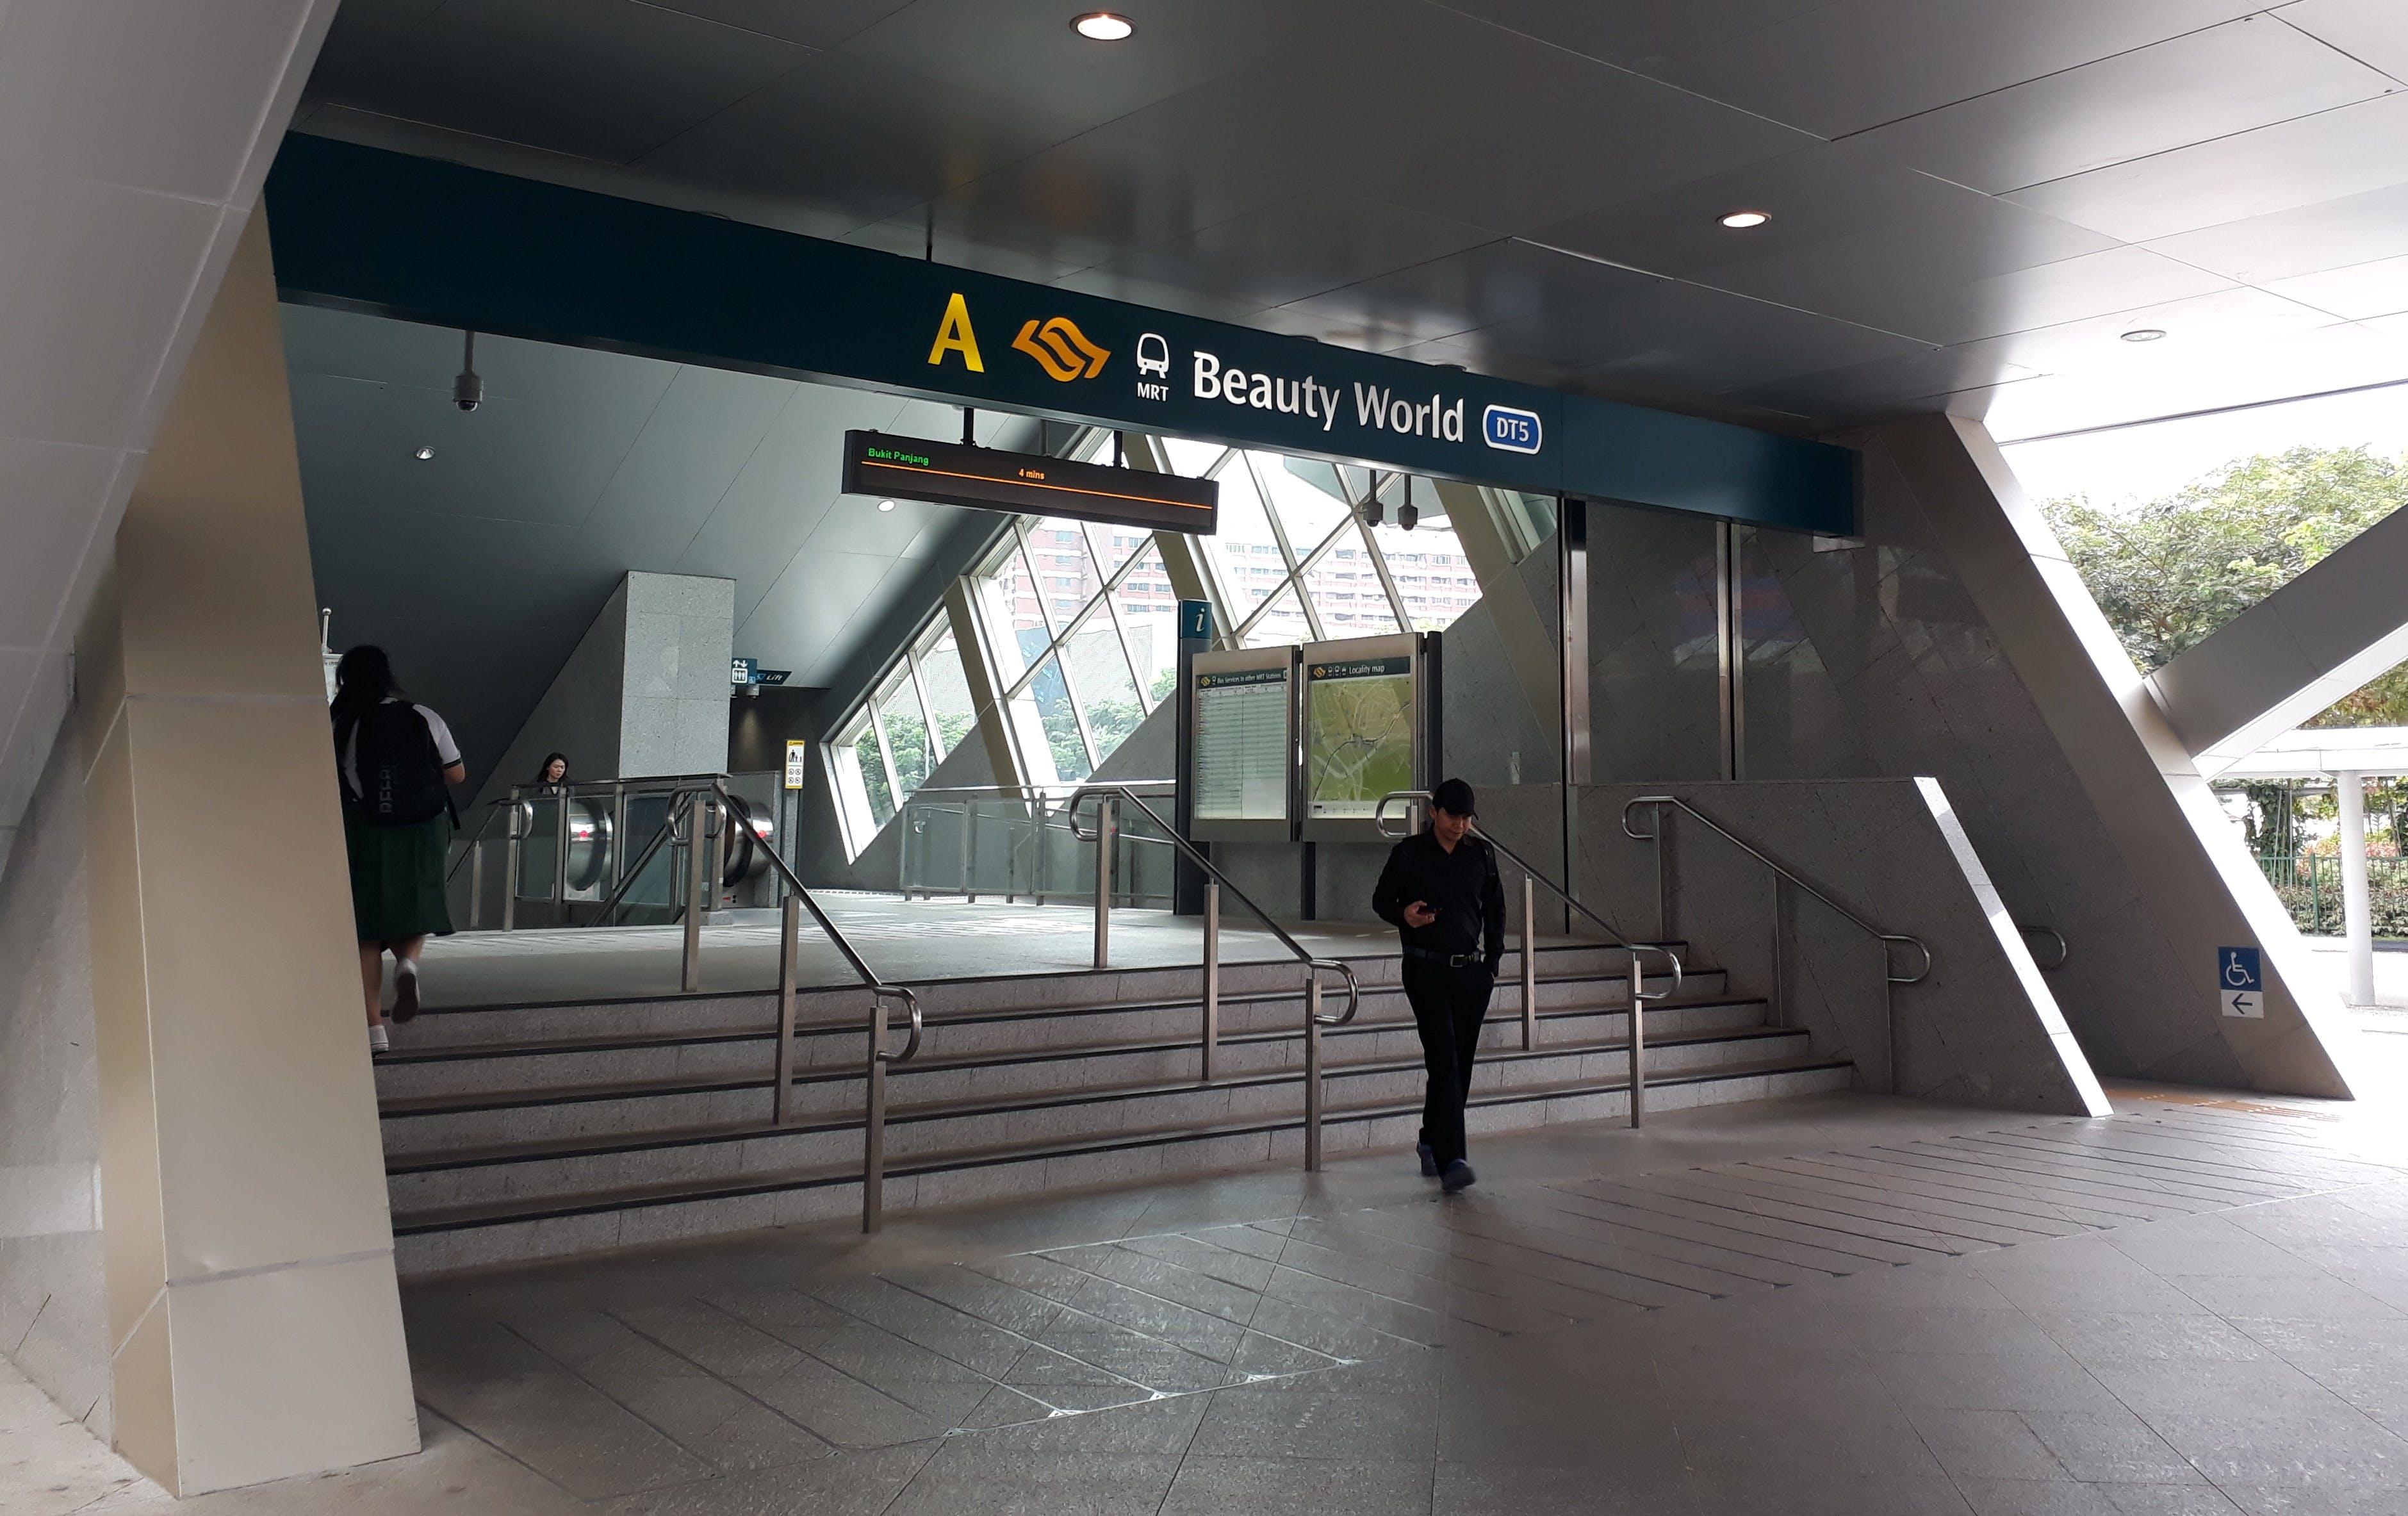 Beauty World MRT Station Exit A